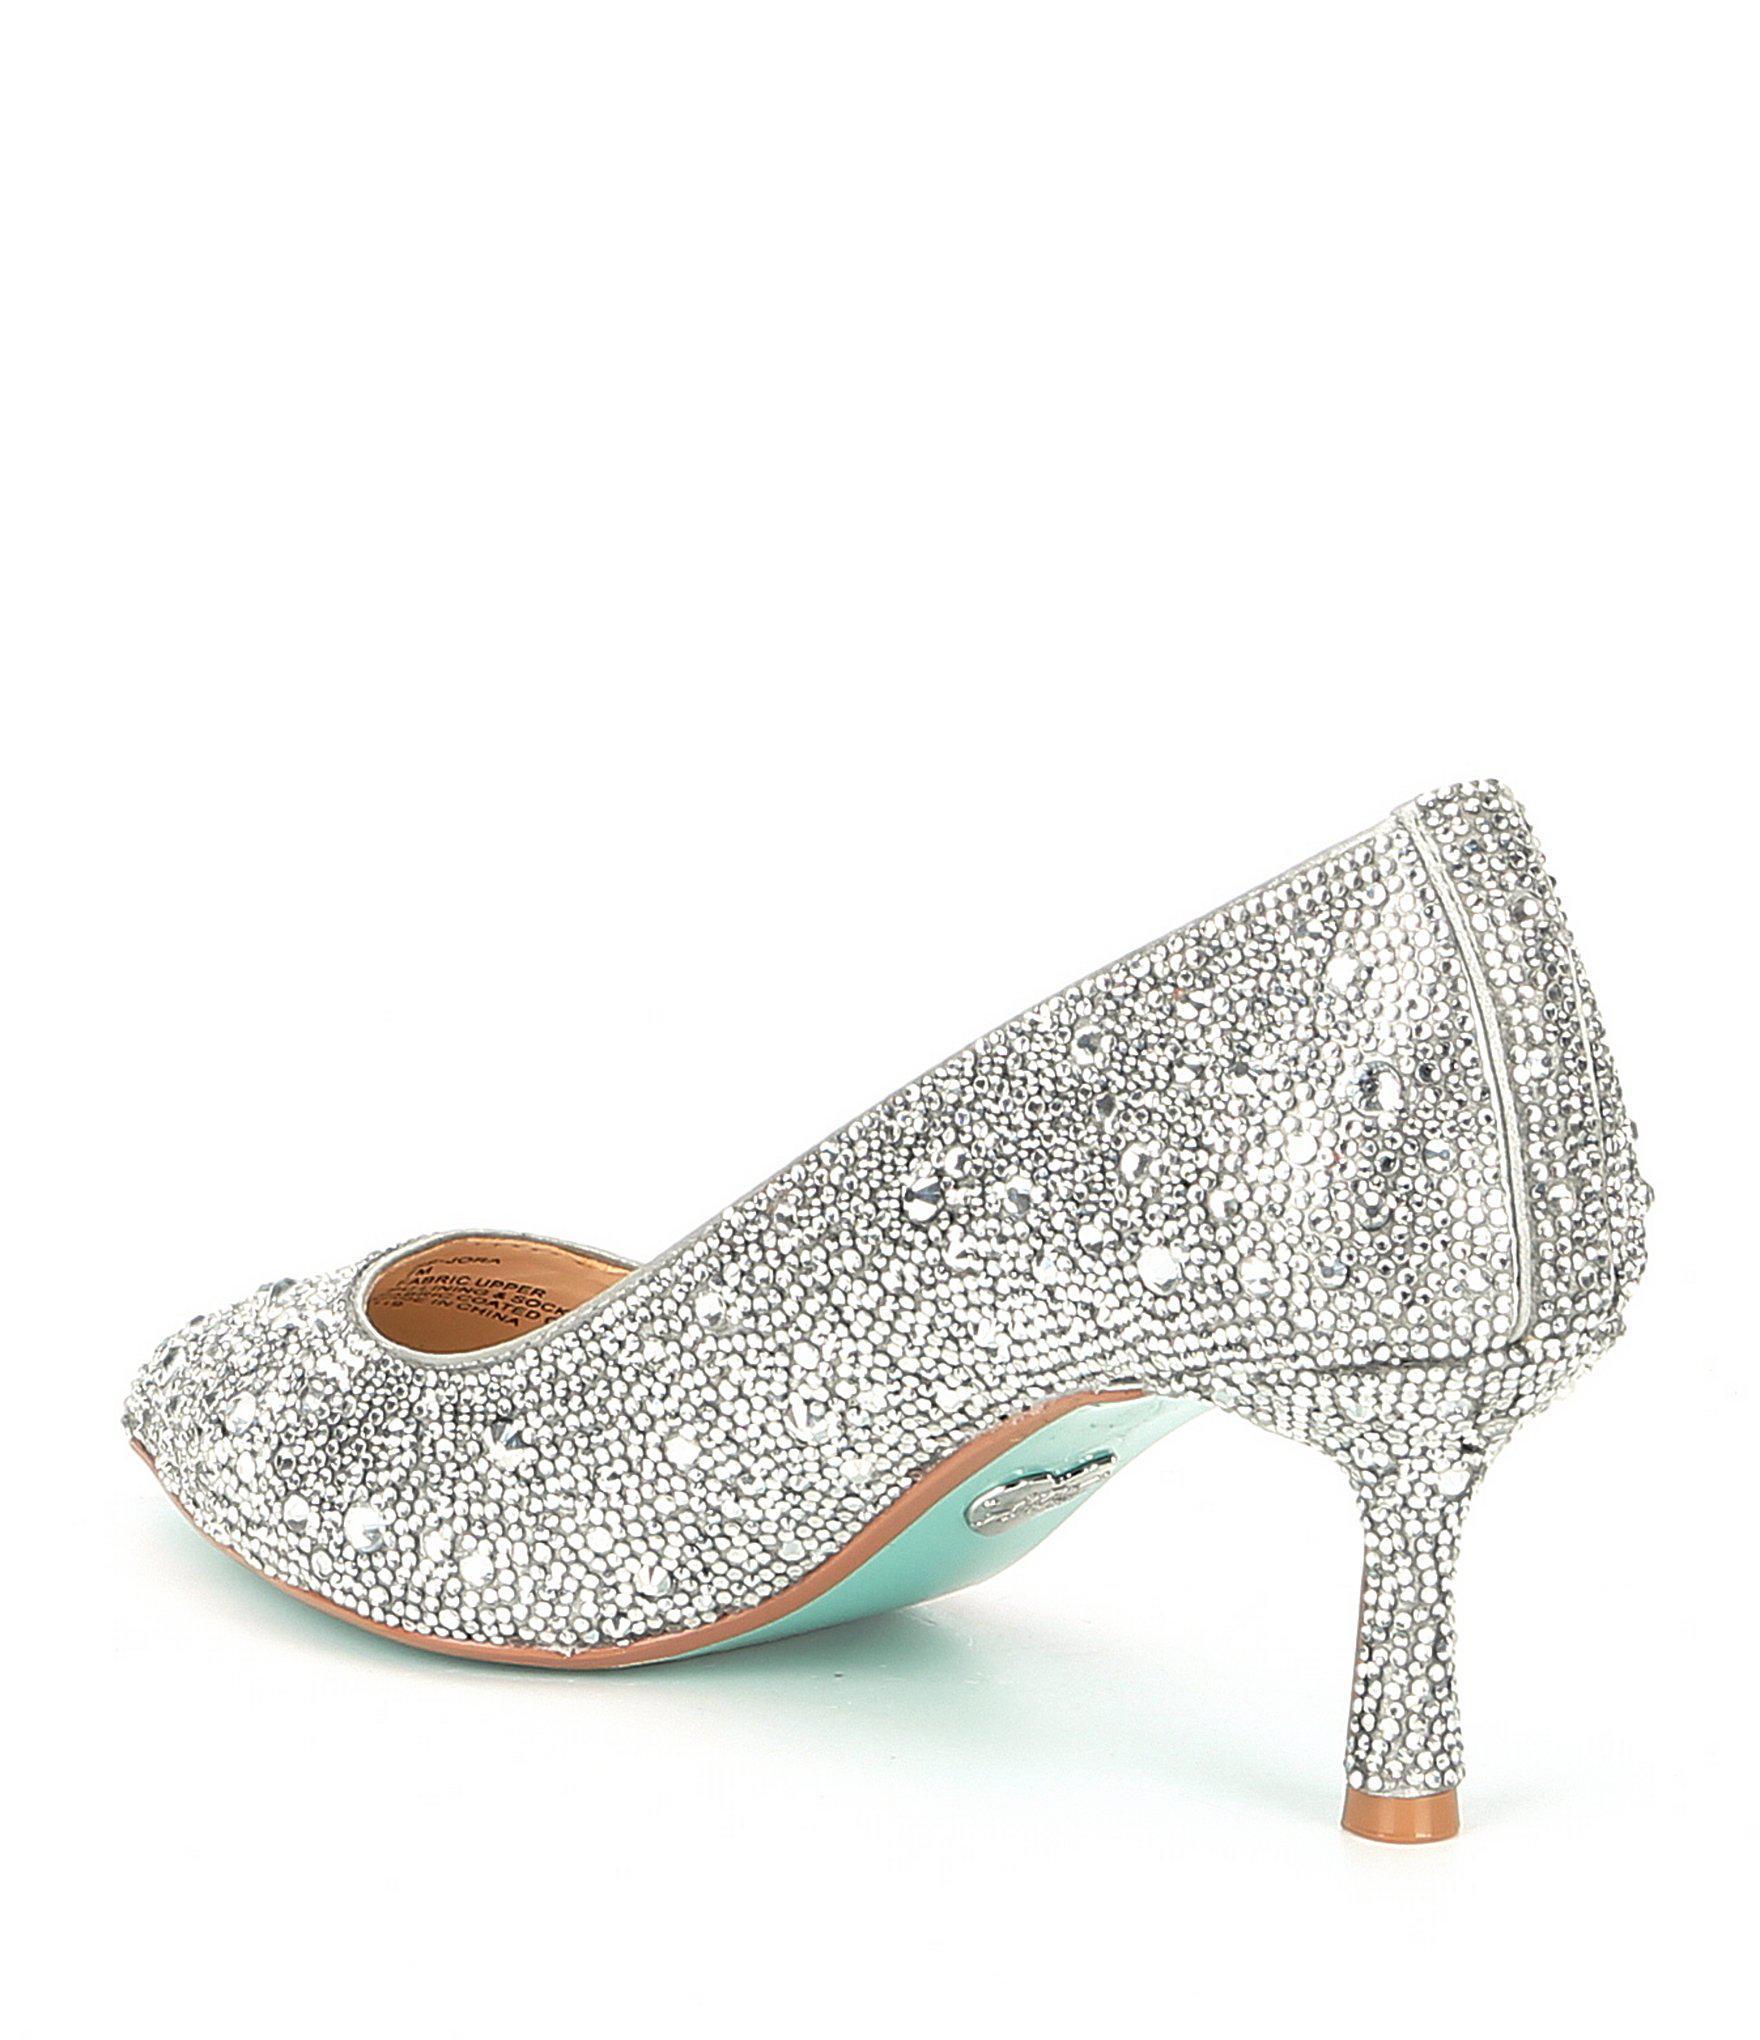 a4bf70cd8e0 Betsey Johnson Blue By Jora Glitter Jeweled Kitten Heel Pumps in ...